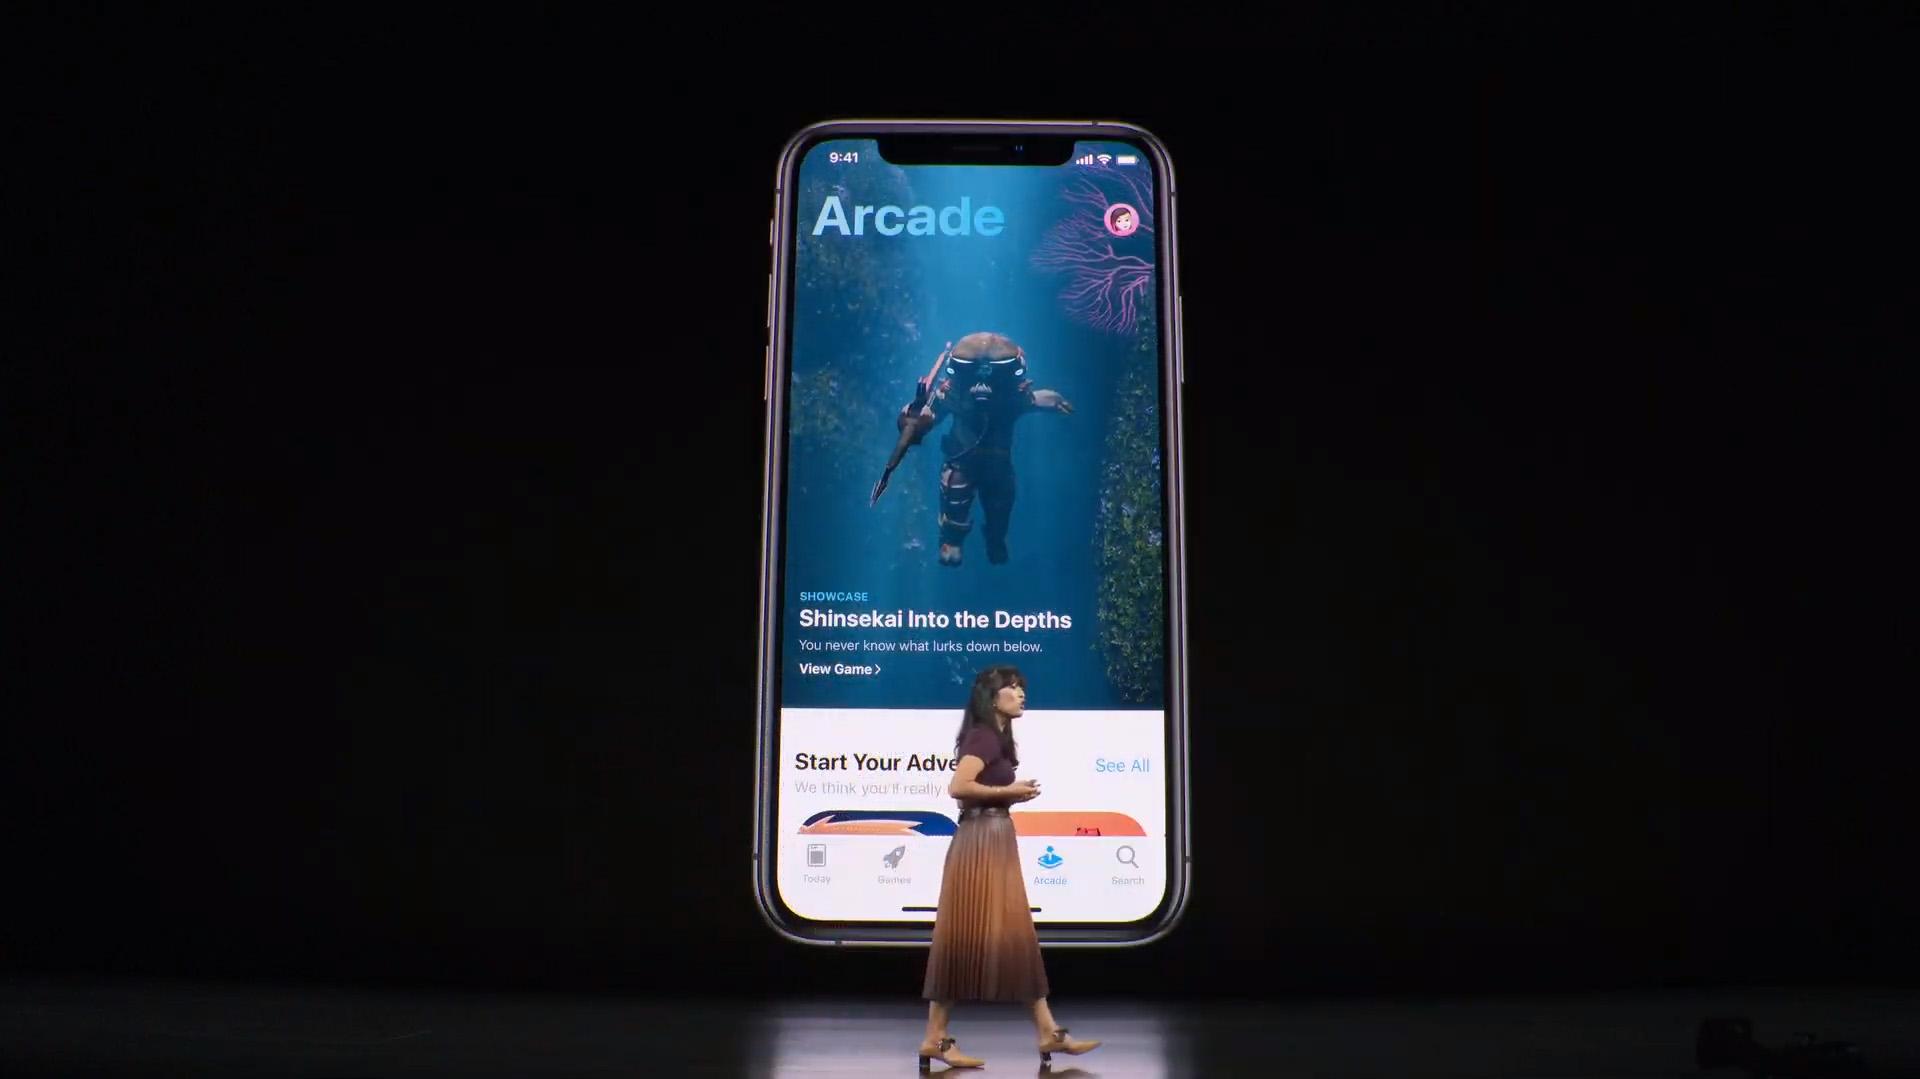 En App Store se sumará una nueva solapa dedicada a Arcade para que se puedan descargar juegos directamente desde la tienda virtual